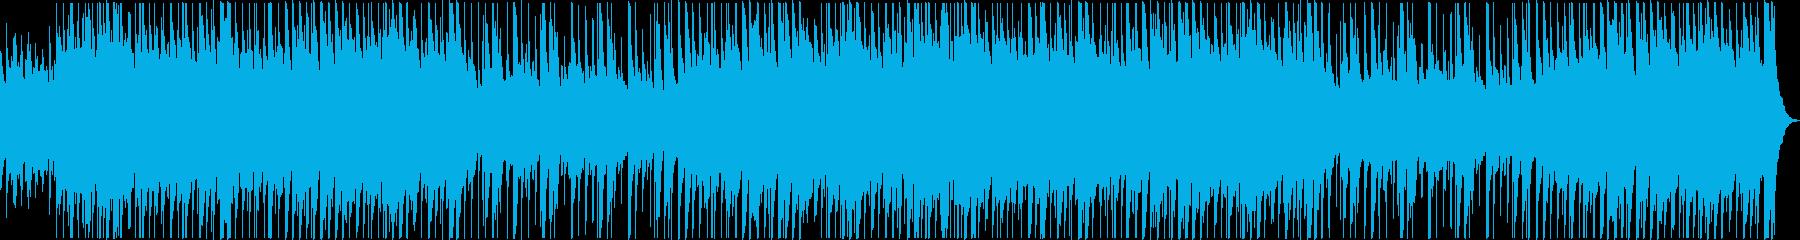 高揚するピアノ、メロディックなグロ...の再生済みの波形